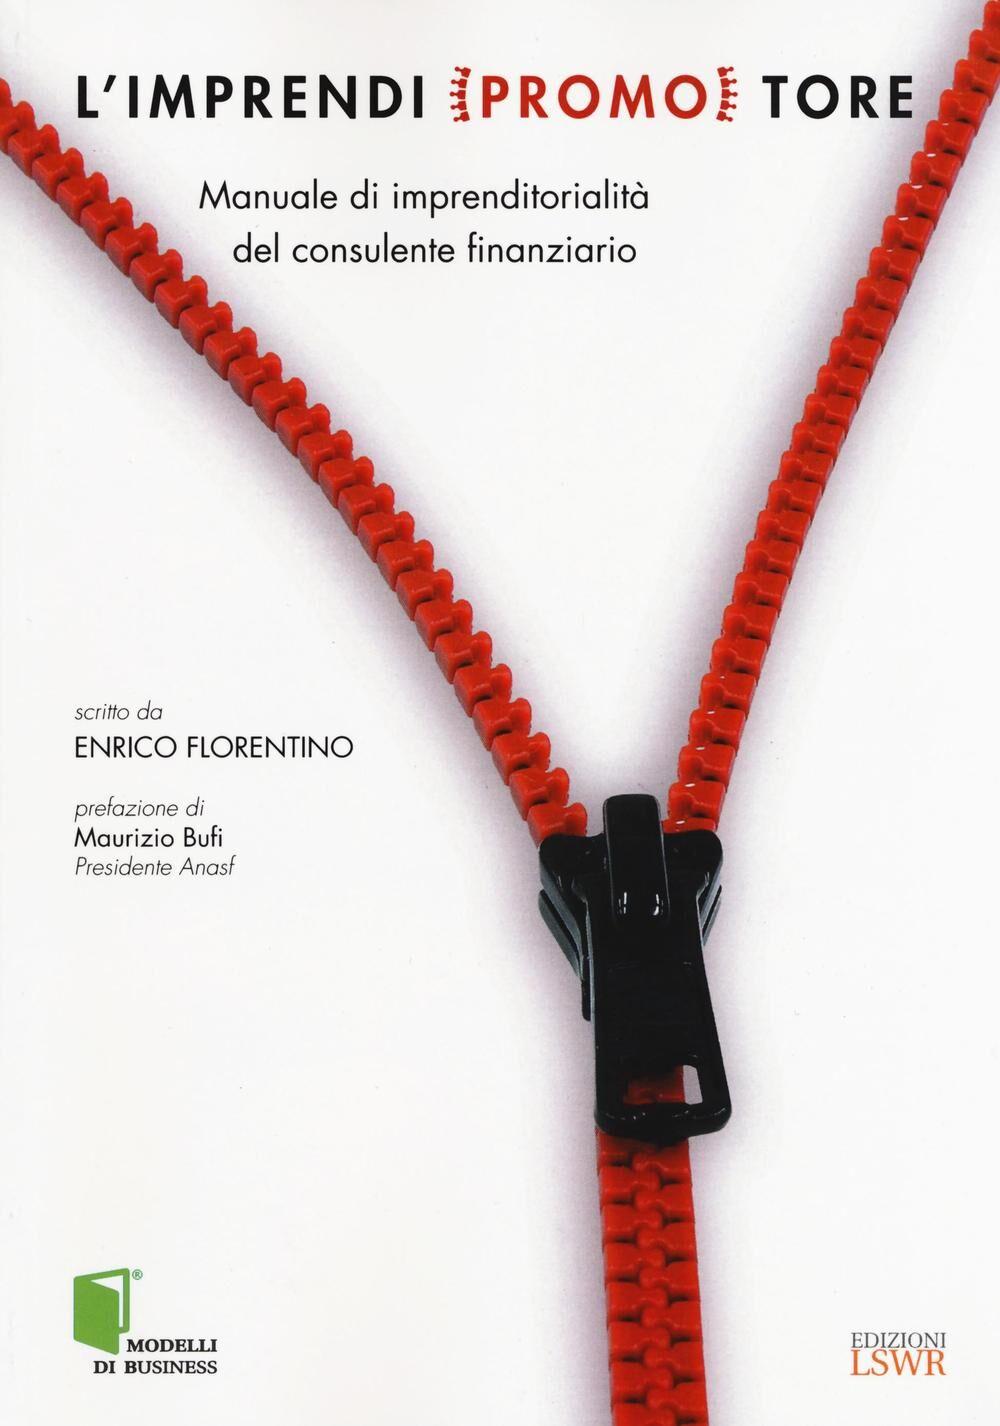 L' imprendi(promo)tore. Manuale di imprenditorialità per il consulente finanziario